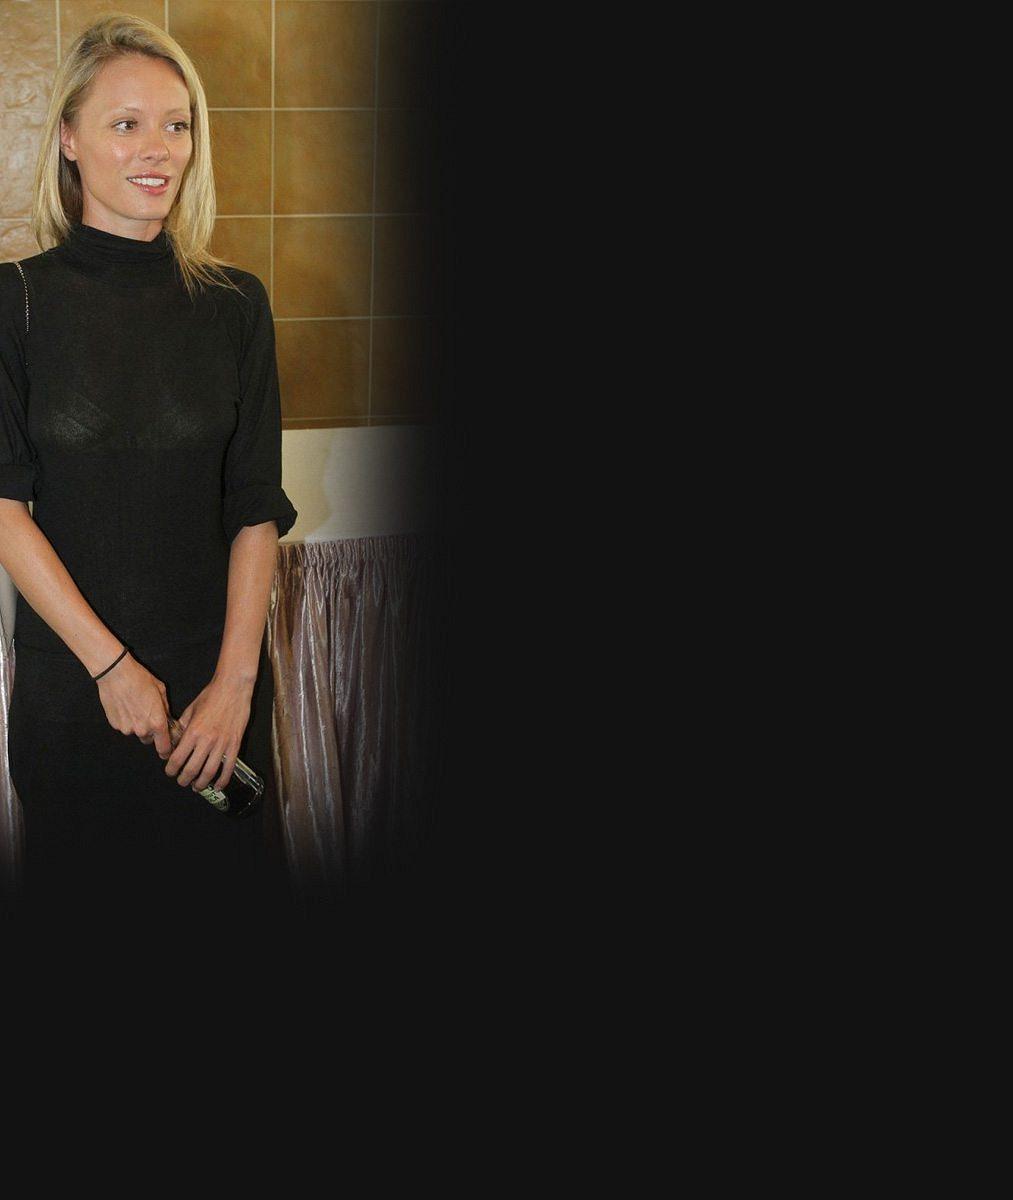 To tu ještě nebylo: Batulková hraje v seriálu se svojí největší sokyní v lásce Lindou Rybovou, která jí vyfoukla manžela!